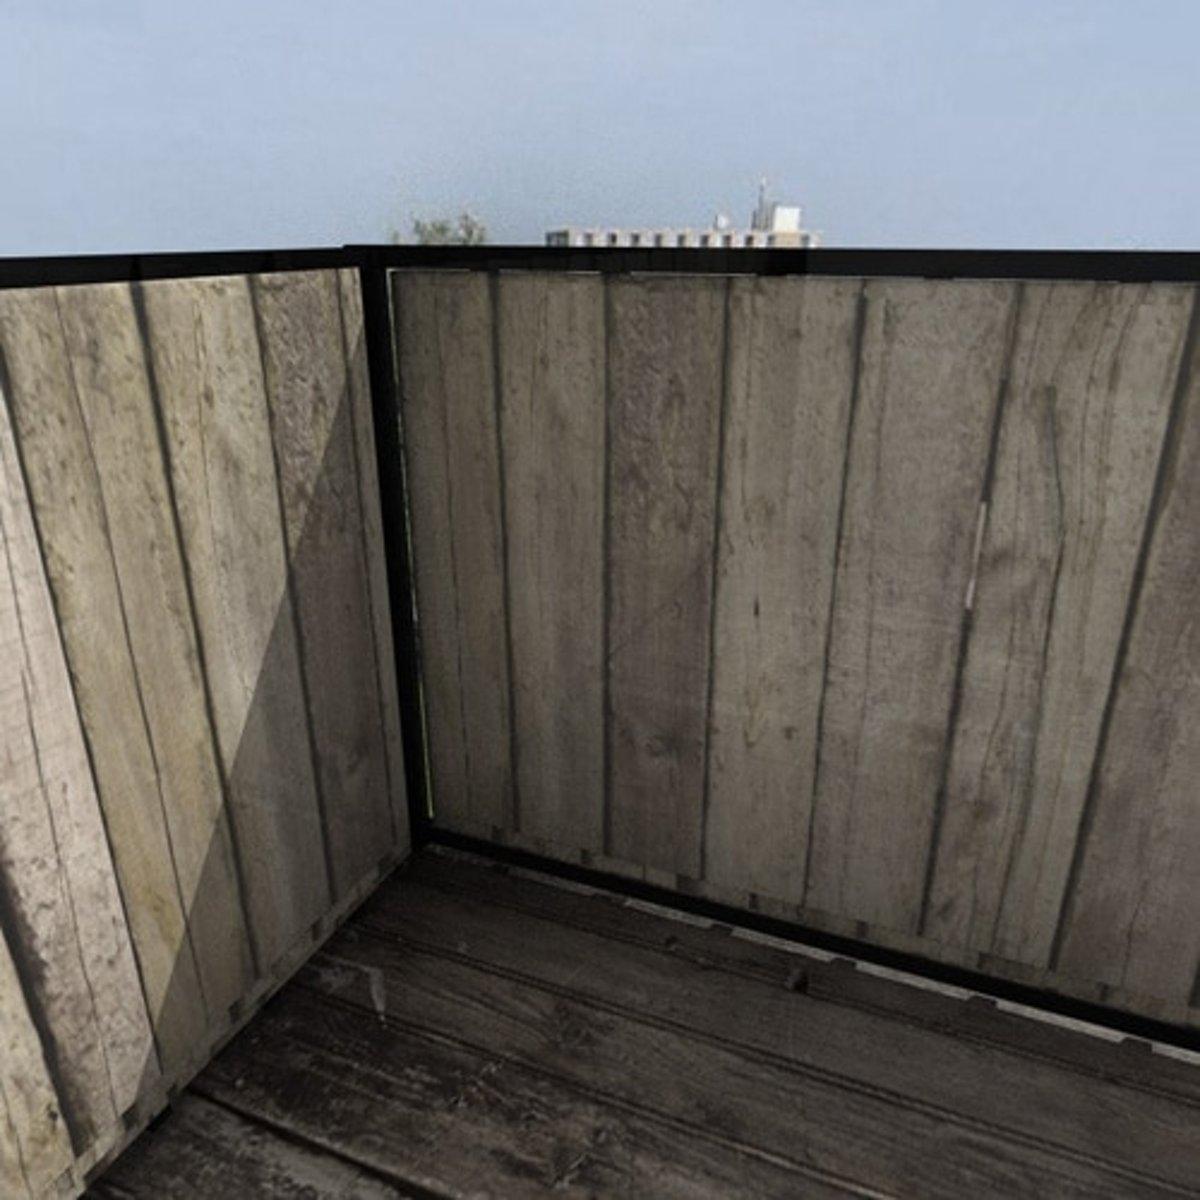 Balkonafscheiding planken verticaal (100x350cm Dubbelzijdig)